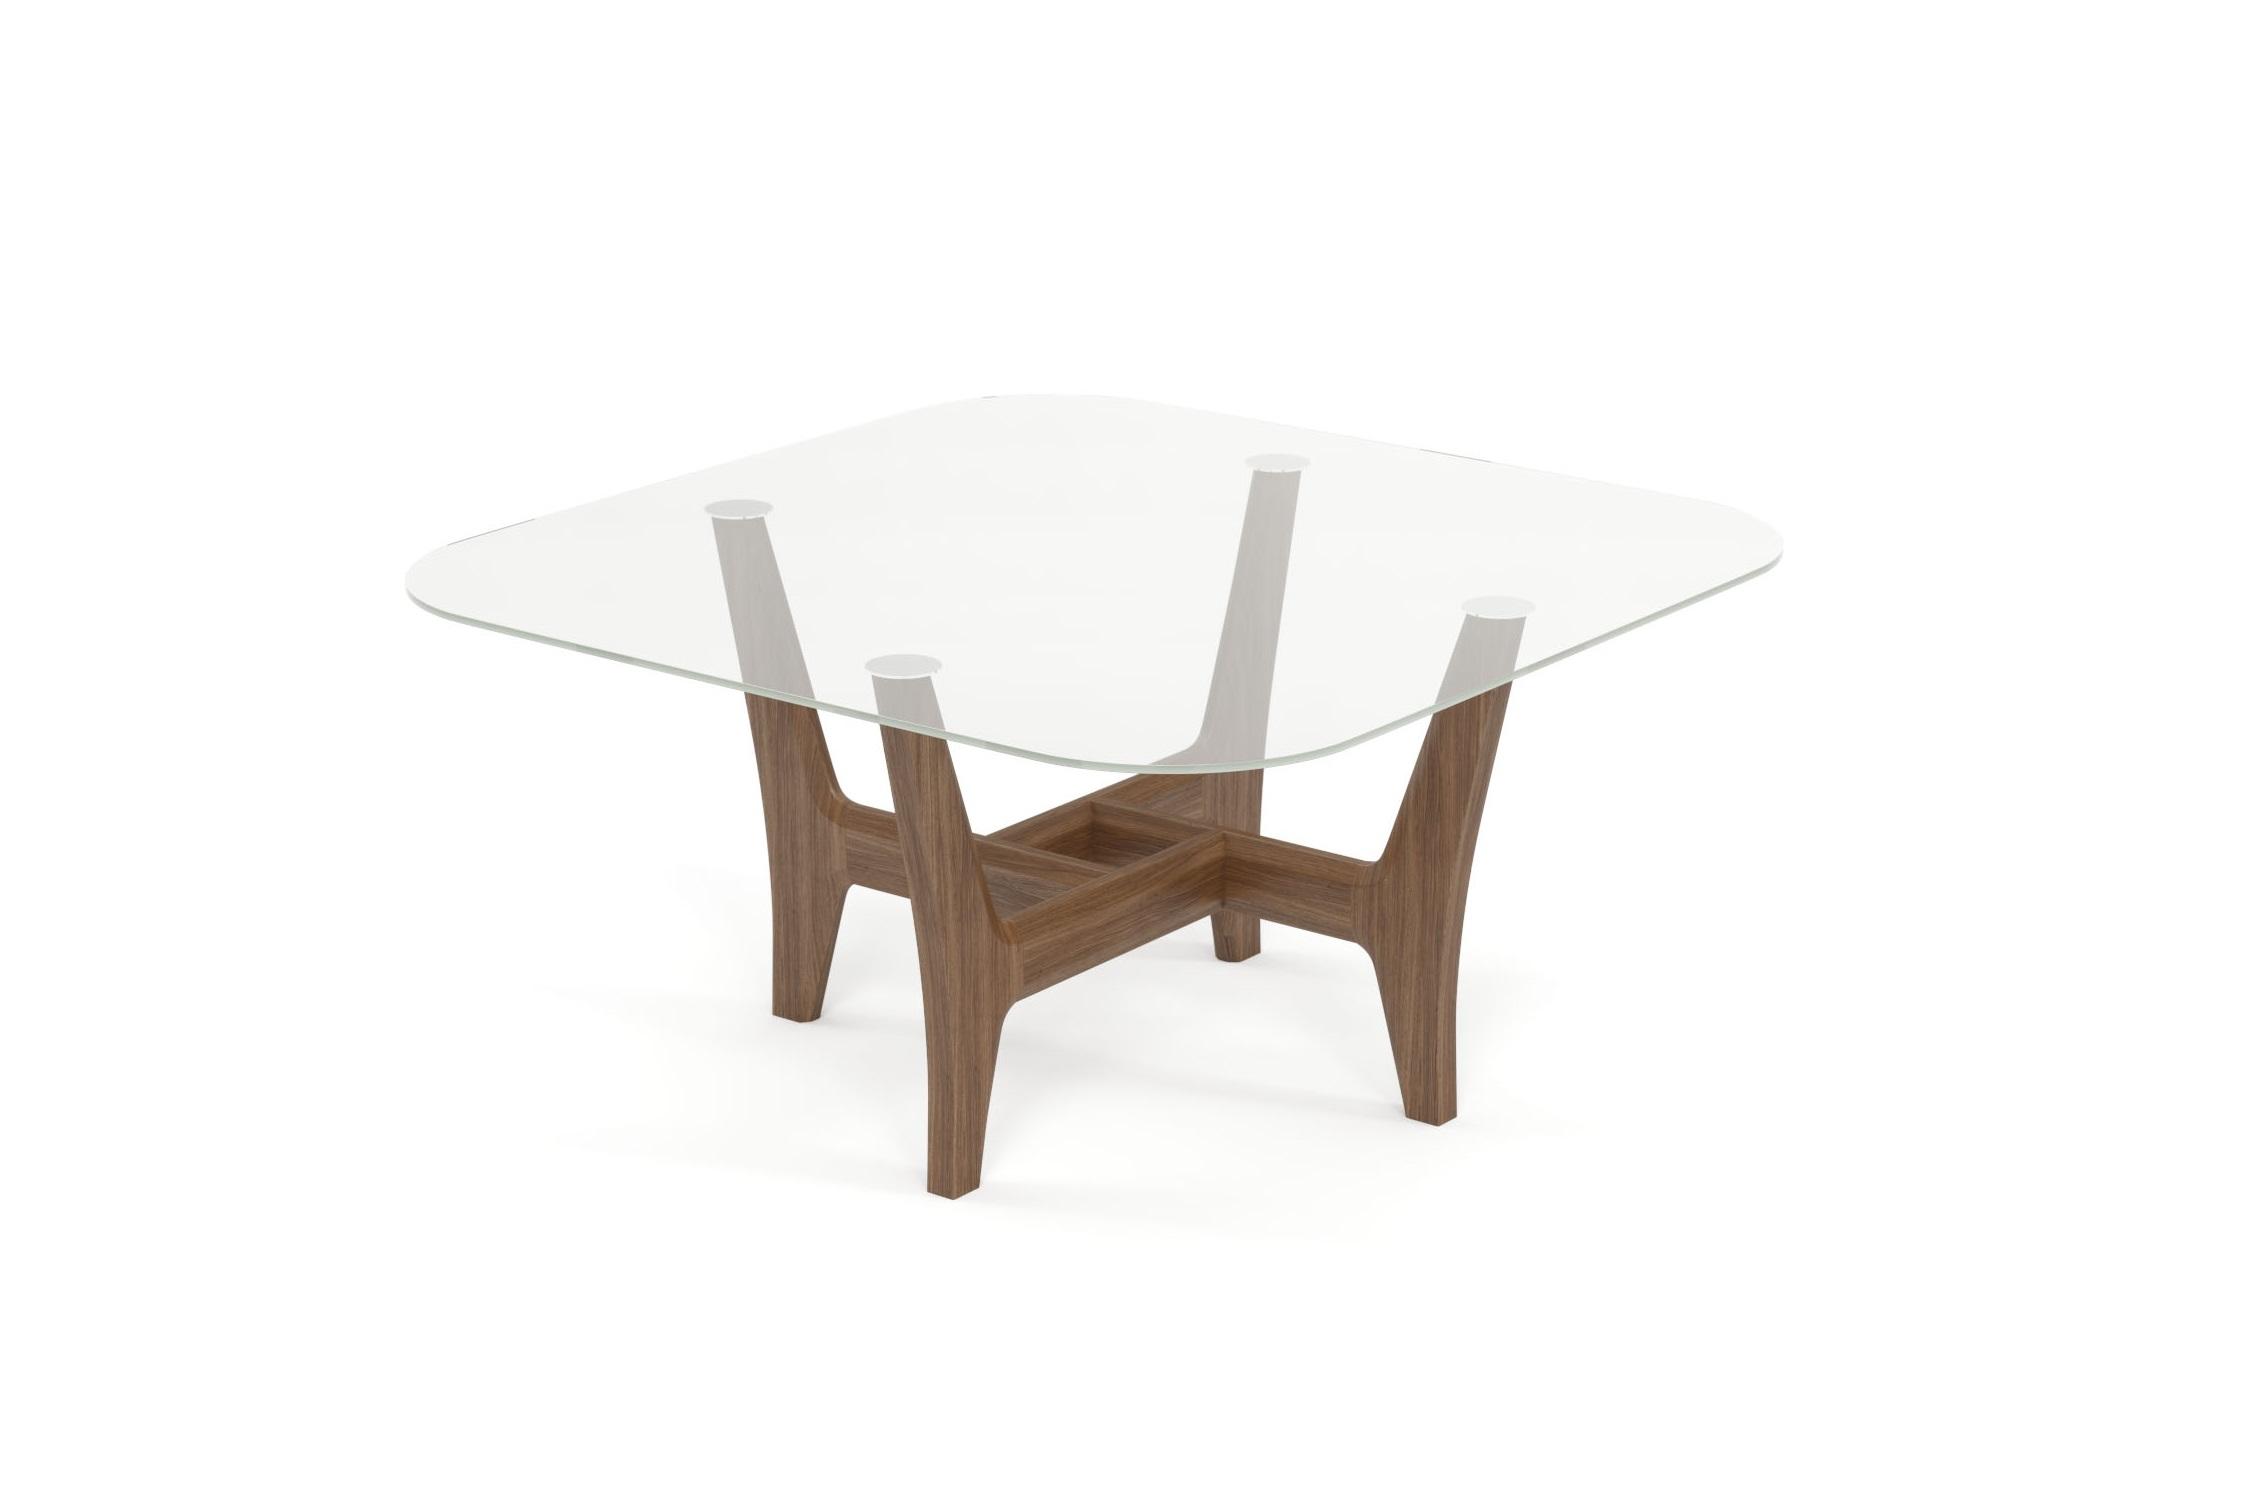 Стол журнальный VoyageСтолы и столики для сада<br>&amp;lt;div&amp;gt;Коллекция SEAGULL – воплощение природной простоты и естественного совершенства. Мебель привлекает тёплыми тонами, уникальностью материала и идеальными пропорциями. Стеклянные столешницы обеденных и журнальных столов по цвету гармонируют с тканью подушек, удобные диваны и «утопающие» кресла дарят ощущения спокойствия и комфорта.&amp;lt;/div&amp;gt;&amp;lt;div&amp;gt;&amp;lt;br&amp;gt;&amp;lt;/div&amp;gt;&amp;lt;div&amp;gt;Термоясень (ясень термообработанный) обладает высокими эксплуатационными характеристиками. Имеет ярко выраженную красивую текстуру и благородный аромат. Это исключительно долговечный, недеформируемый под воздействием атмосферных явлений и экологически чистый материал. В результате термообработки – длительного переменного воздействия пара и высоких температур – в структуре древесины происходят изменения на молекулярном уровне, и ясень приобретает наиболее важные для уличной мебели свойства – водостойкость, стабильность размеров, абсолютную устойчивость к биологическим поражениям. Срок службы – 10-15 лет.&amp;lt;/div&amp;gt;&amp;lt;div&amp;gt;&amp;lt;br&amp;gt;&amp;lt;/div&amp;gt;&amp;lt;div&amp;gt;Вся фурнитура изготовлена из нержавеющей стали на собственном производстве.&amp;amp;nbsp;&amp;lt;/div&amp;gt;&amp;lt;div&amp;gt;&amp;lt;br&amp;gt;&amp;lt;/div&amp;gt;<br><br>&amp;lt;iframe width=&amp;quot;530&amp;quot; height=&amp;quot;300&amp;quot; src=&amp;quot;https://www.youtube.com/embed/uL9Kujh07kc&amp;quot; frameborder=&amp;quot;0&amp;quot; allowfullscreen=&amp;quot;&amp;quot;&amp;gt;&amp;lt;/iframe&amp;gt;<br><br>Material: Ясень<br>Ширина см: 80.0<br>Глубина см: 80.0